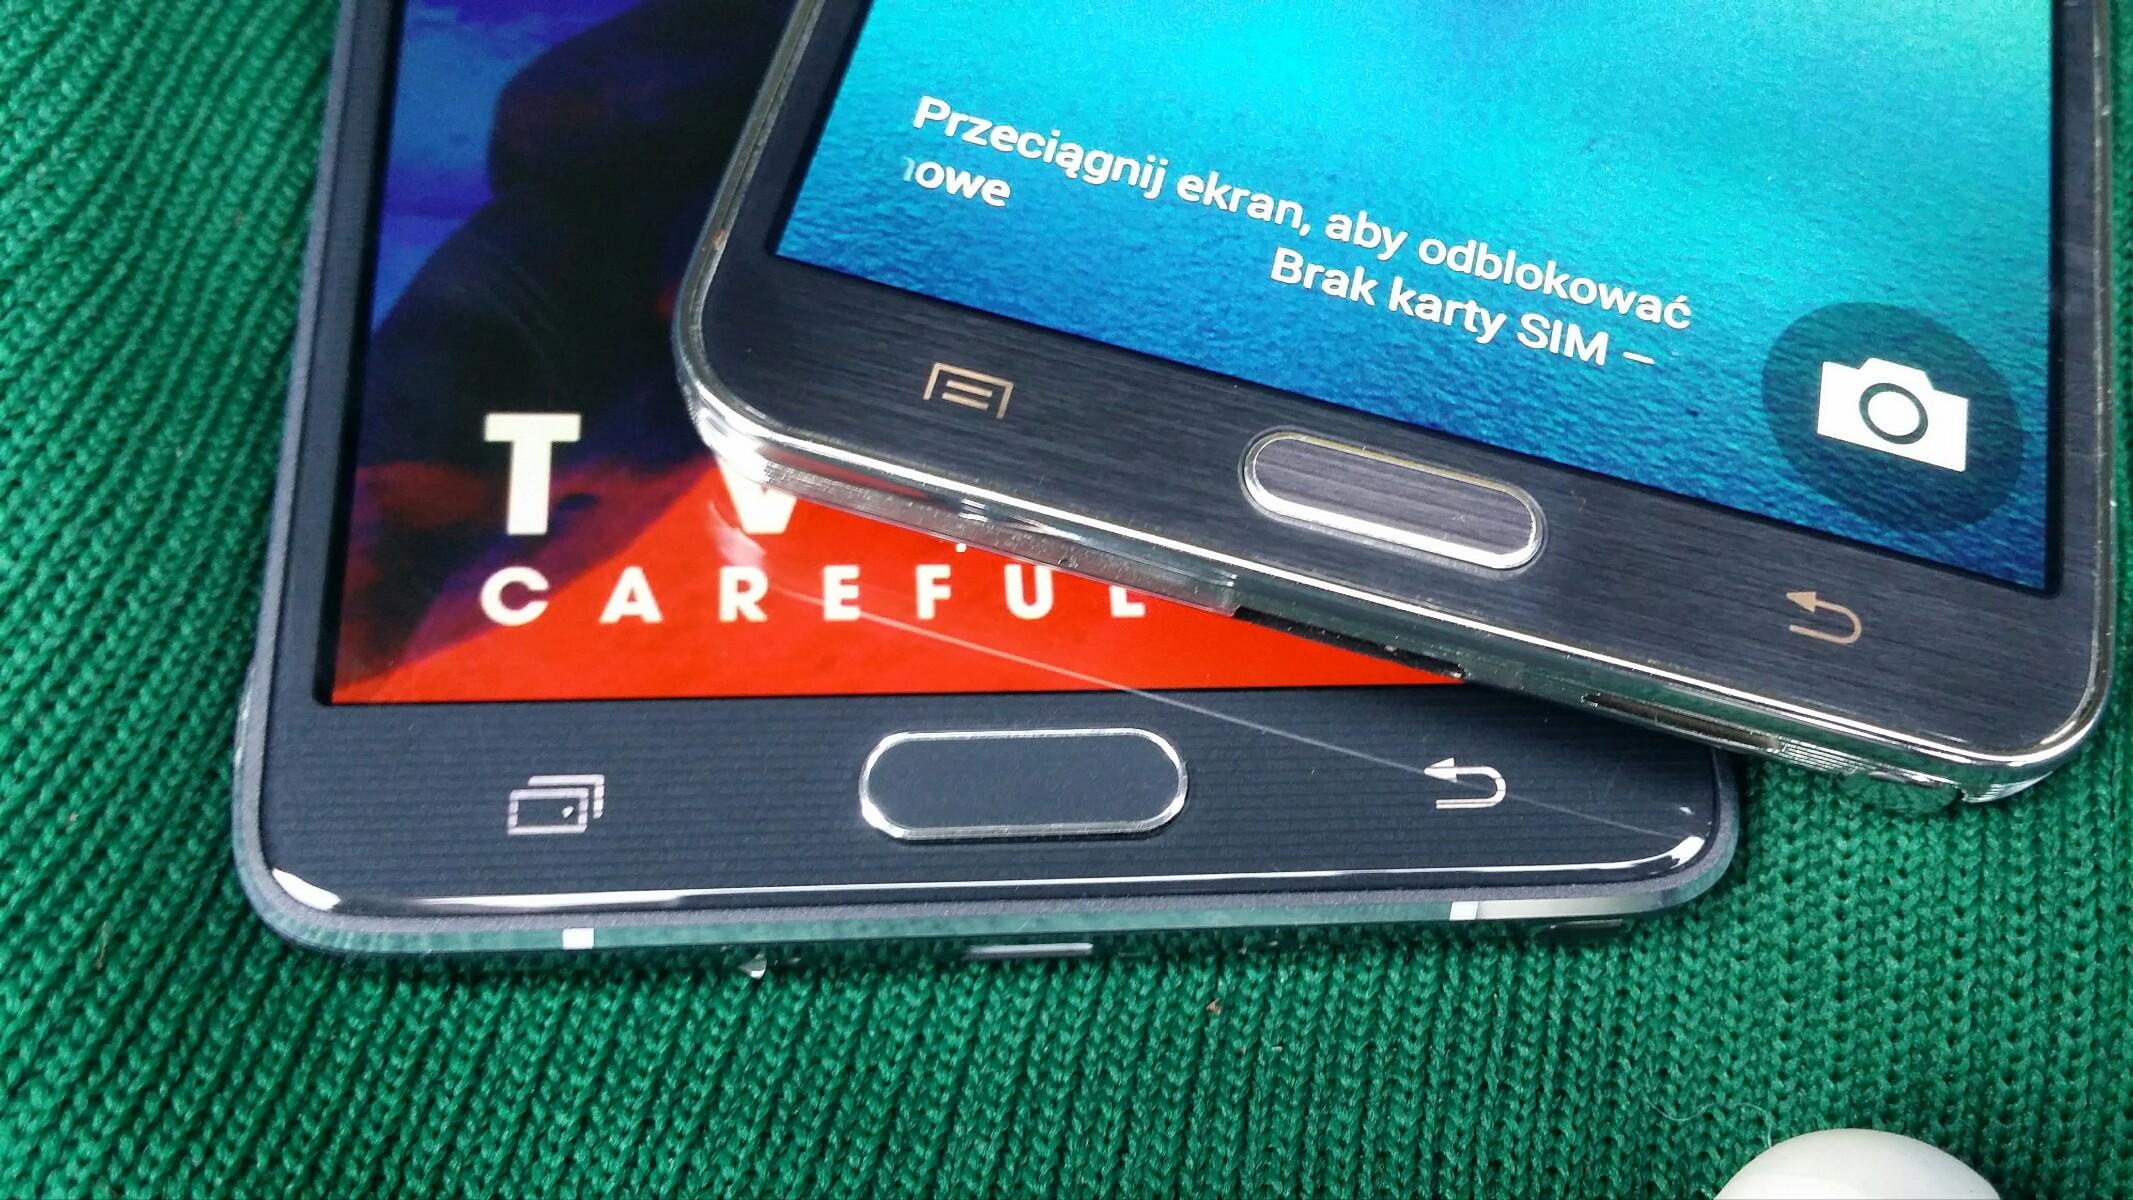 Samsung Galaxy Note 4 kontra Note 3. Sprawdziliśmy wszystkie różnice – galeria Spider's Web